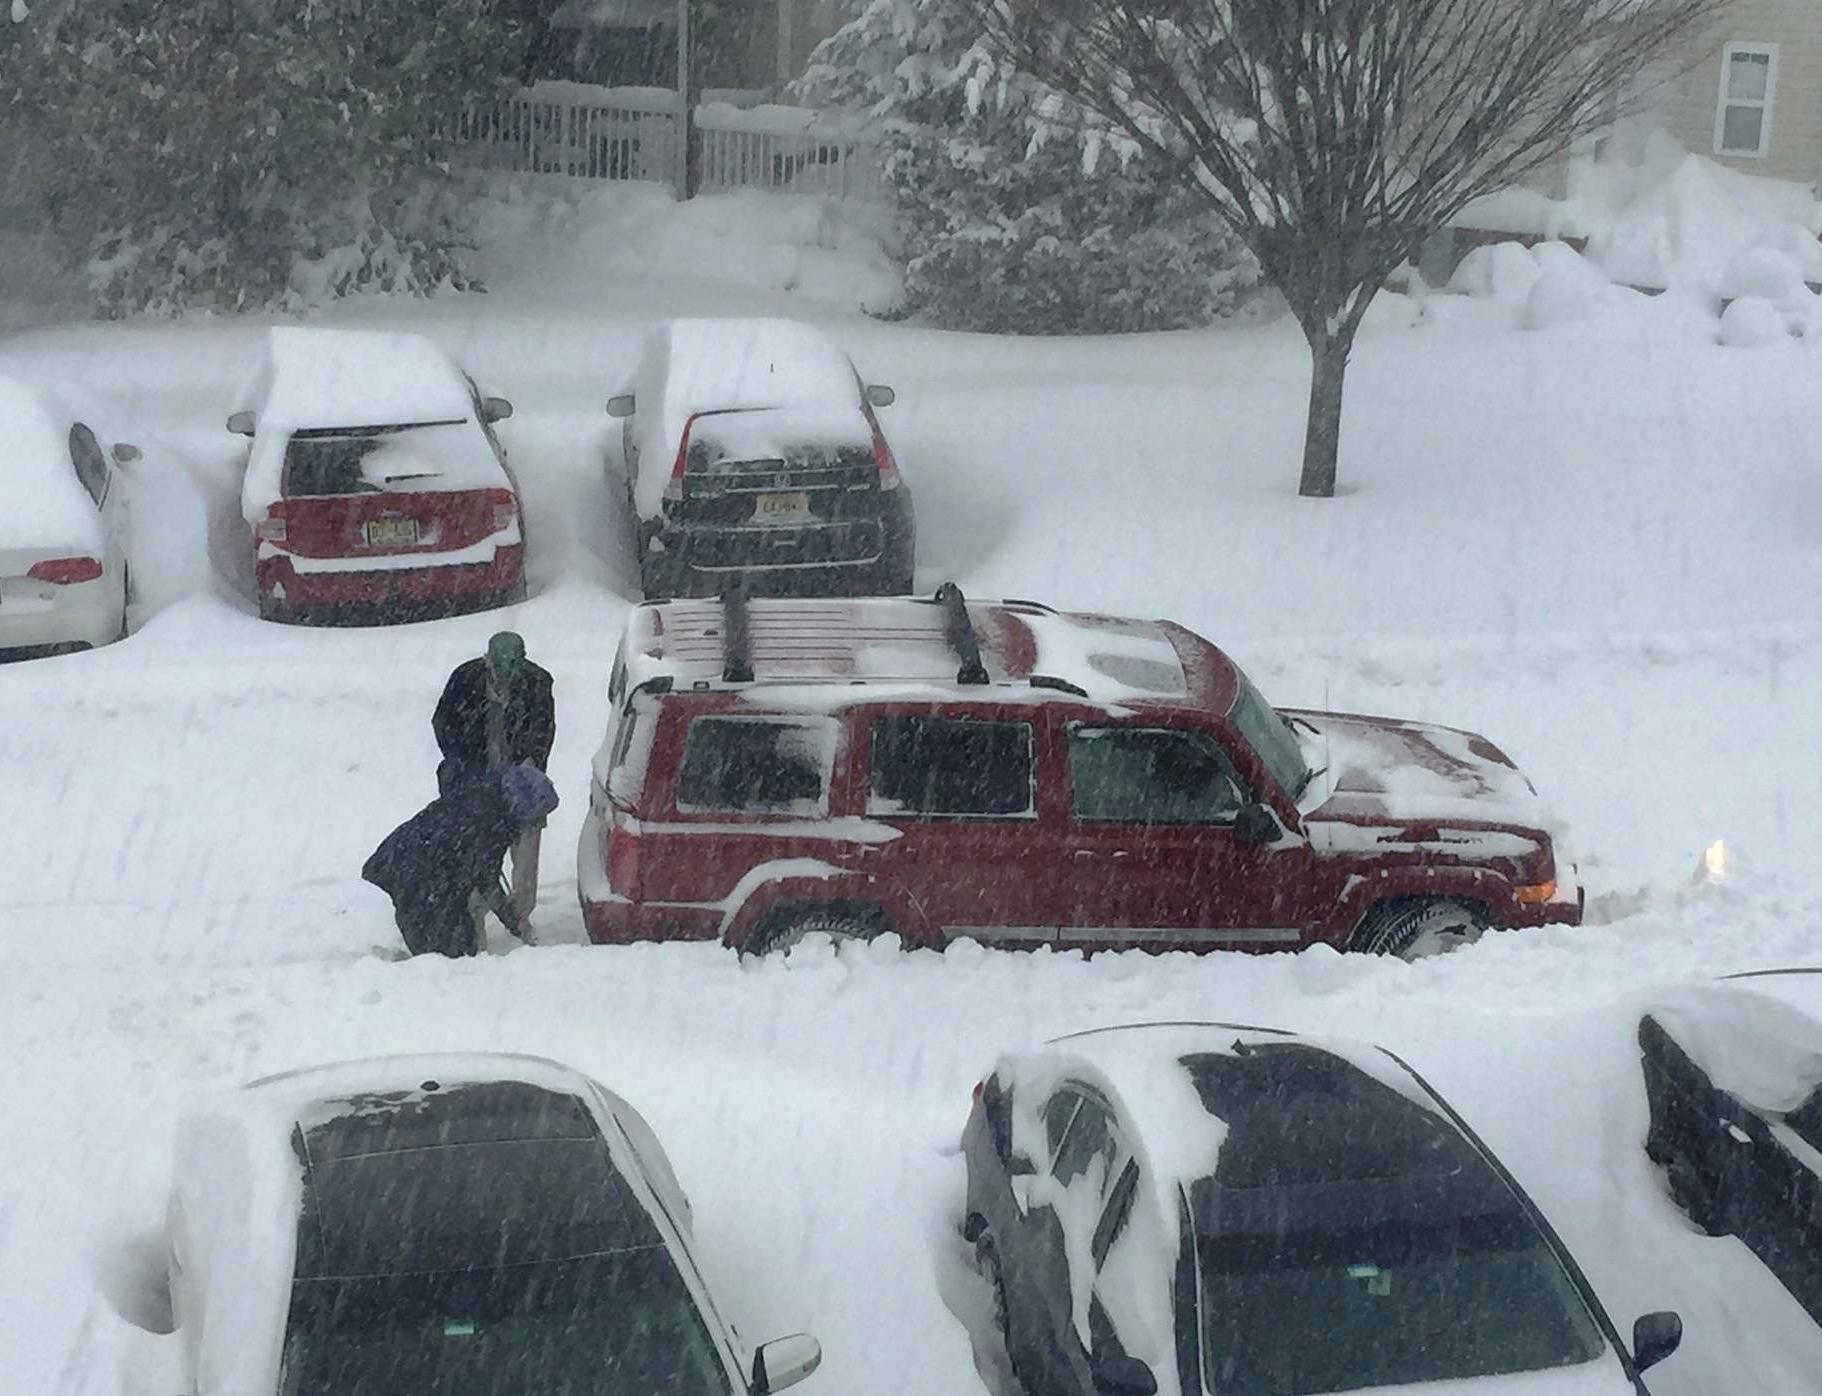 c1c09d301b92090fb9ec_car_stuck_in_snow_2.jpg